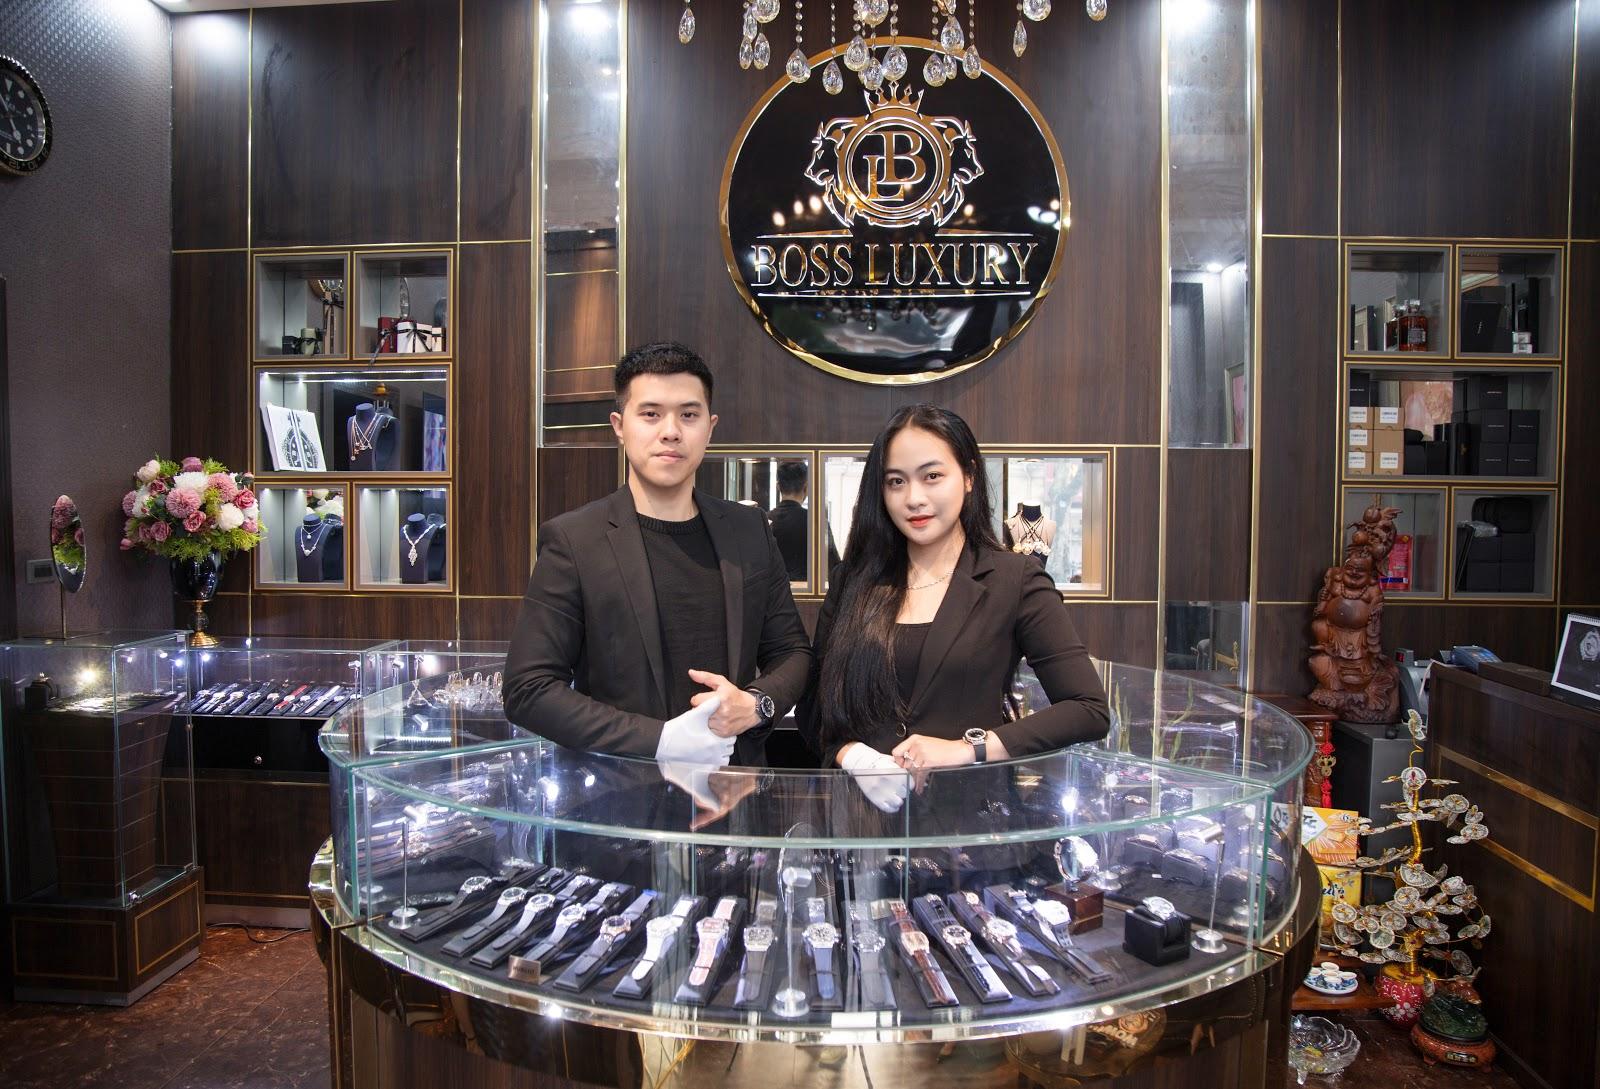 Boss Luxury mách bạn 5 mẫu đồng hồ nam tuyệt đẹp theo từng phong cách - Ảnh 6